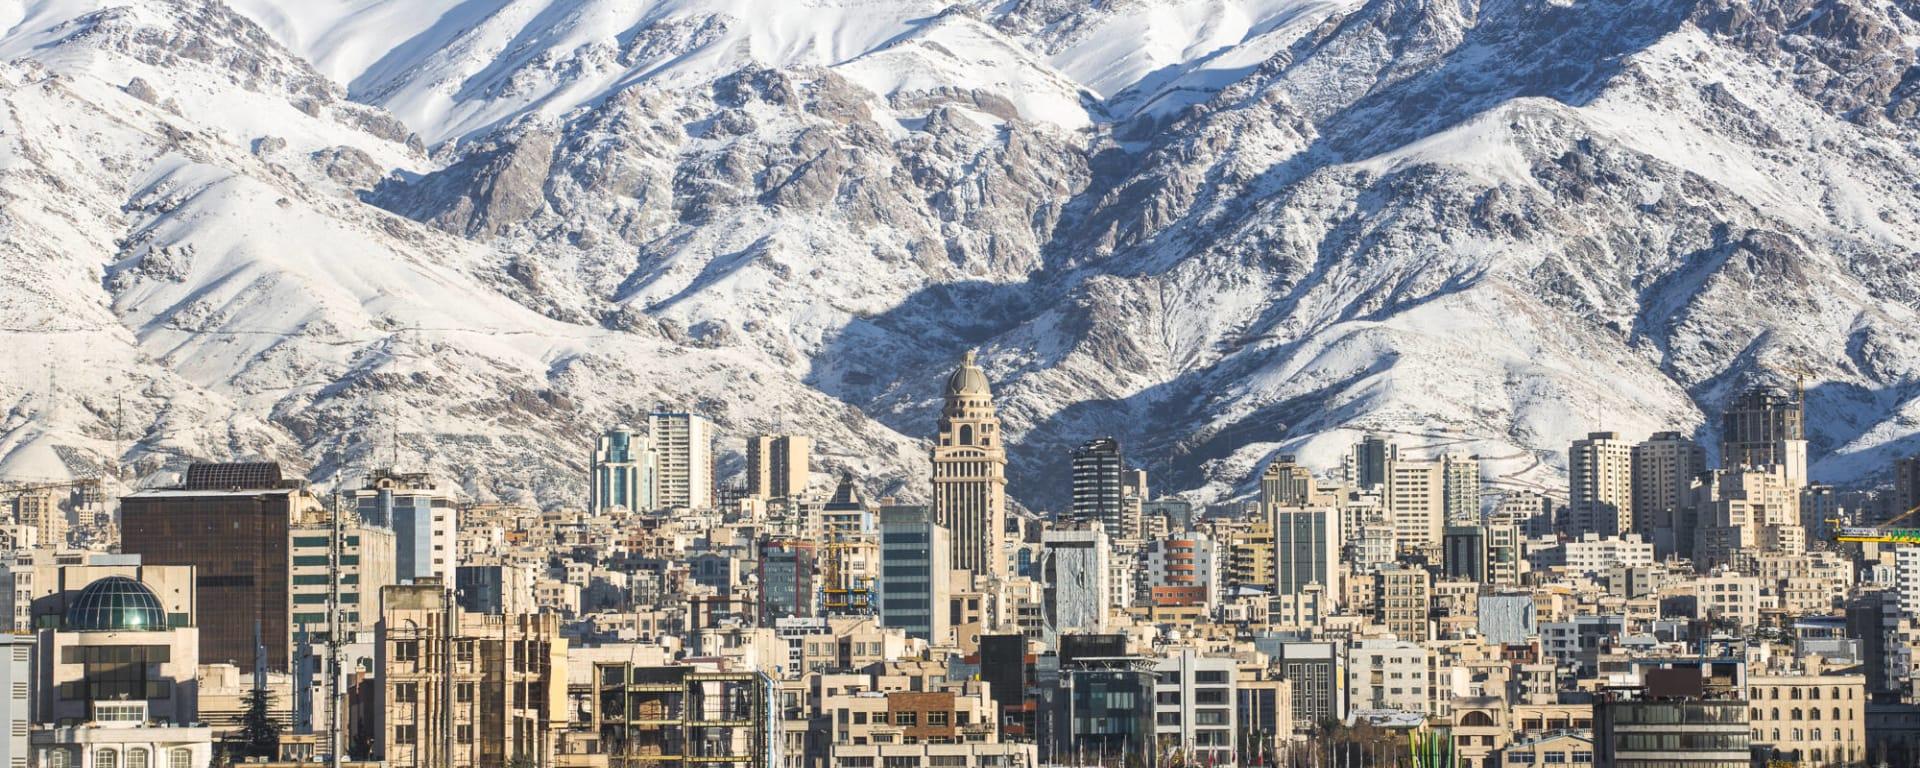 Iran entdecken mit Tischler Reisen: Iran Teheran Berge Winter